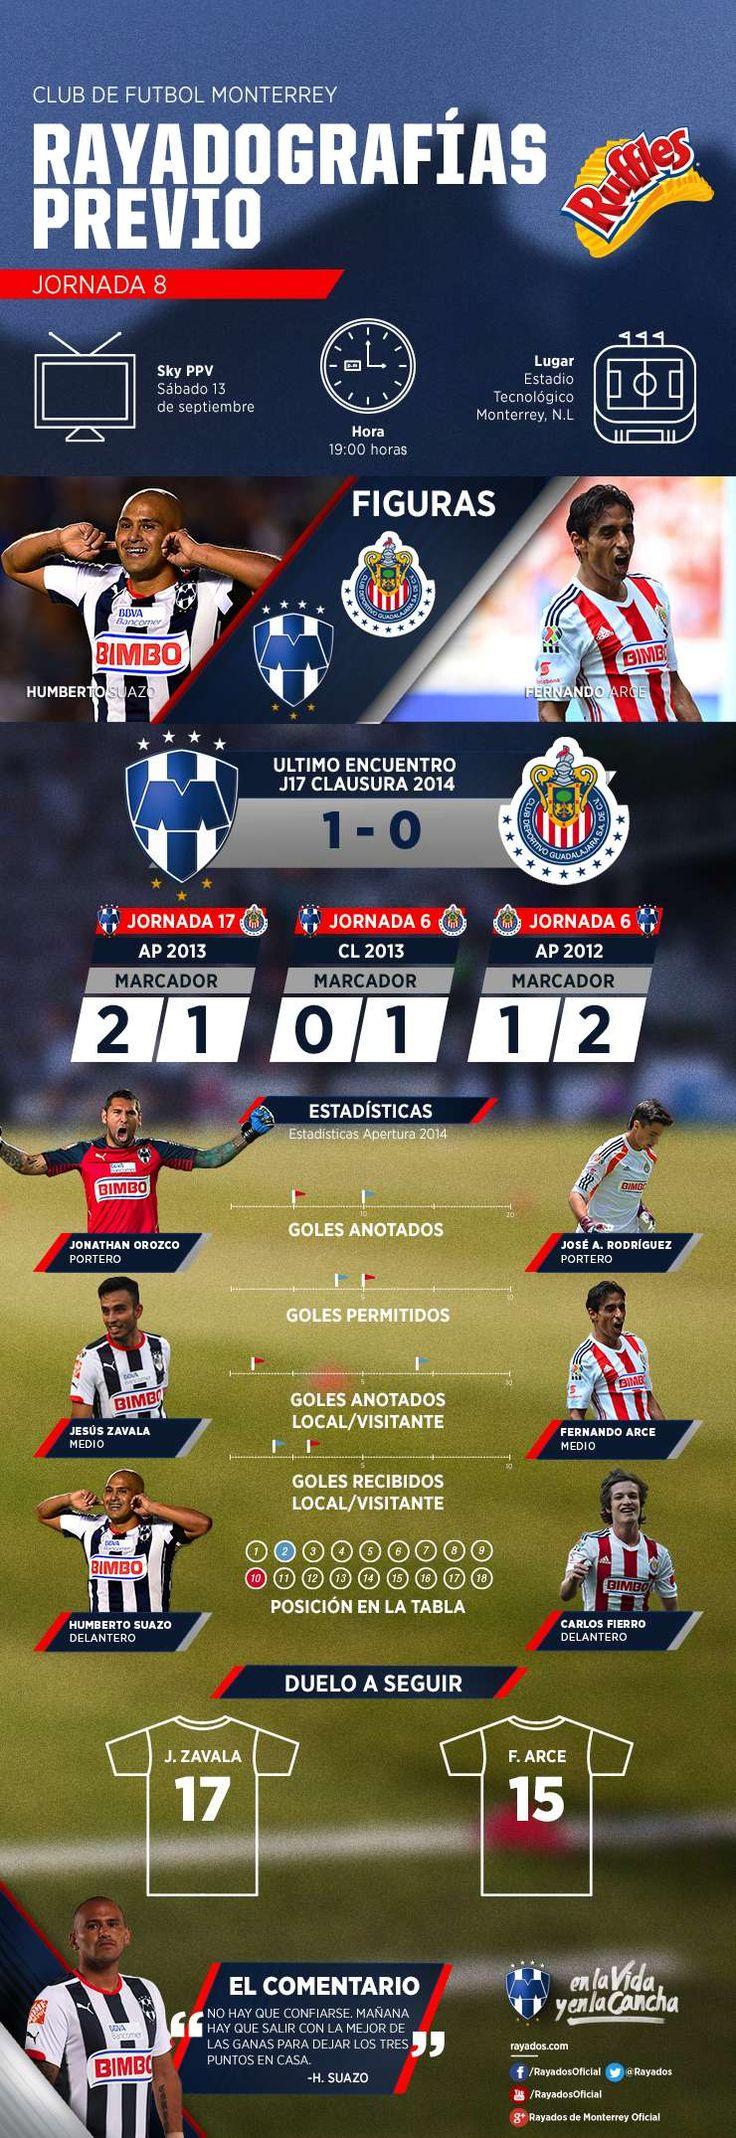 La #Rayadografía del partido de hoy Club de Futbol Monterrey vs. Chivas es presentada por Ruffles MX. #VamosRayados.